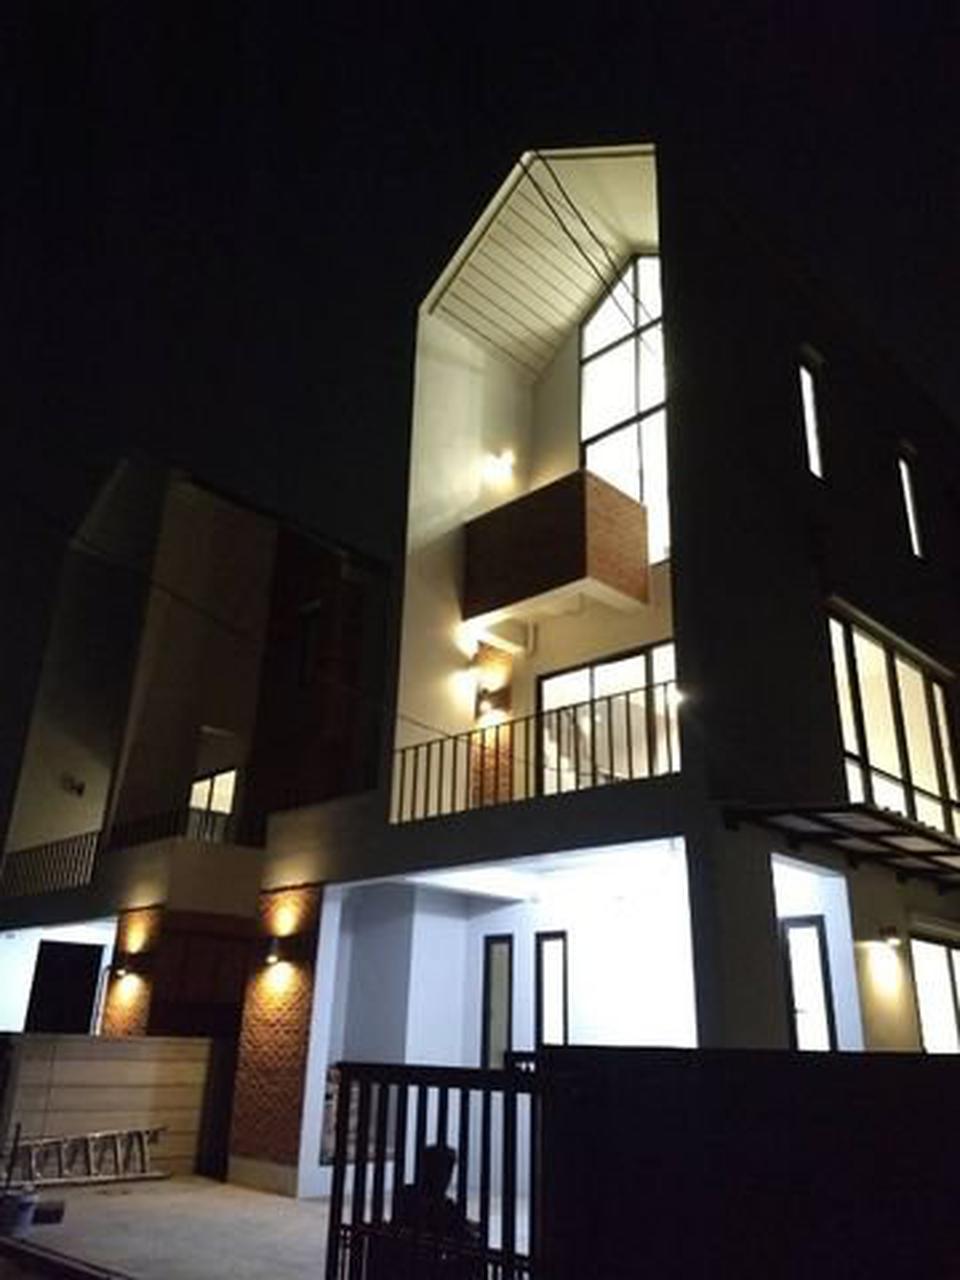 ขาย บ้านเดี่ยวUrban Green Living 3 ชั้น ย่านวัชรพล รูปที่ 5